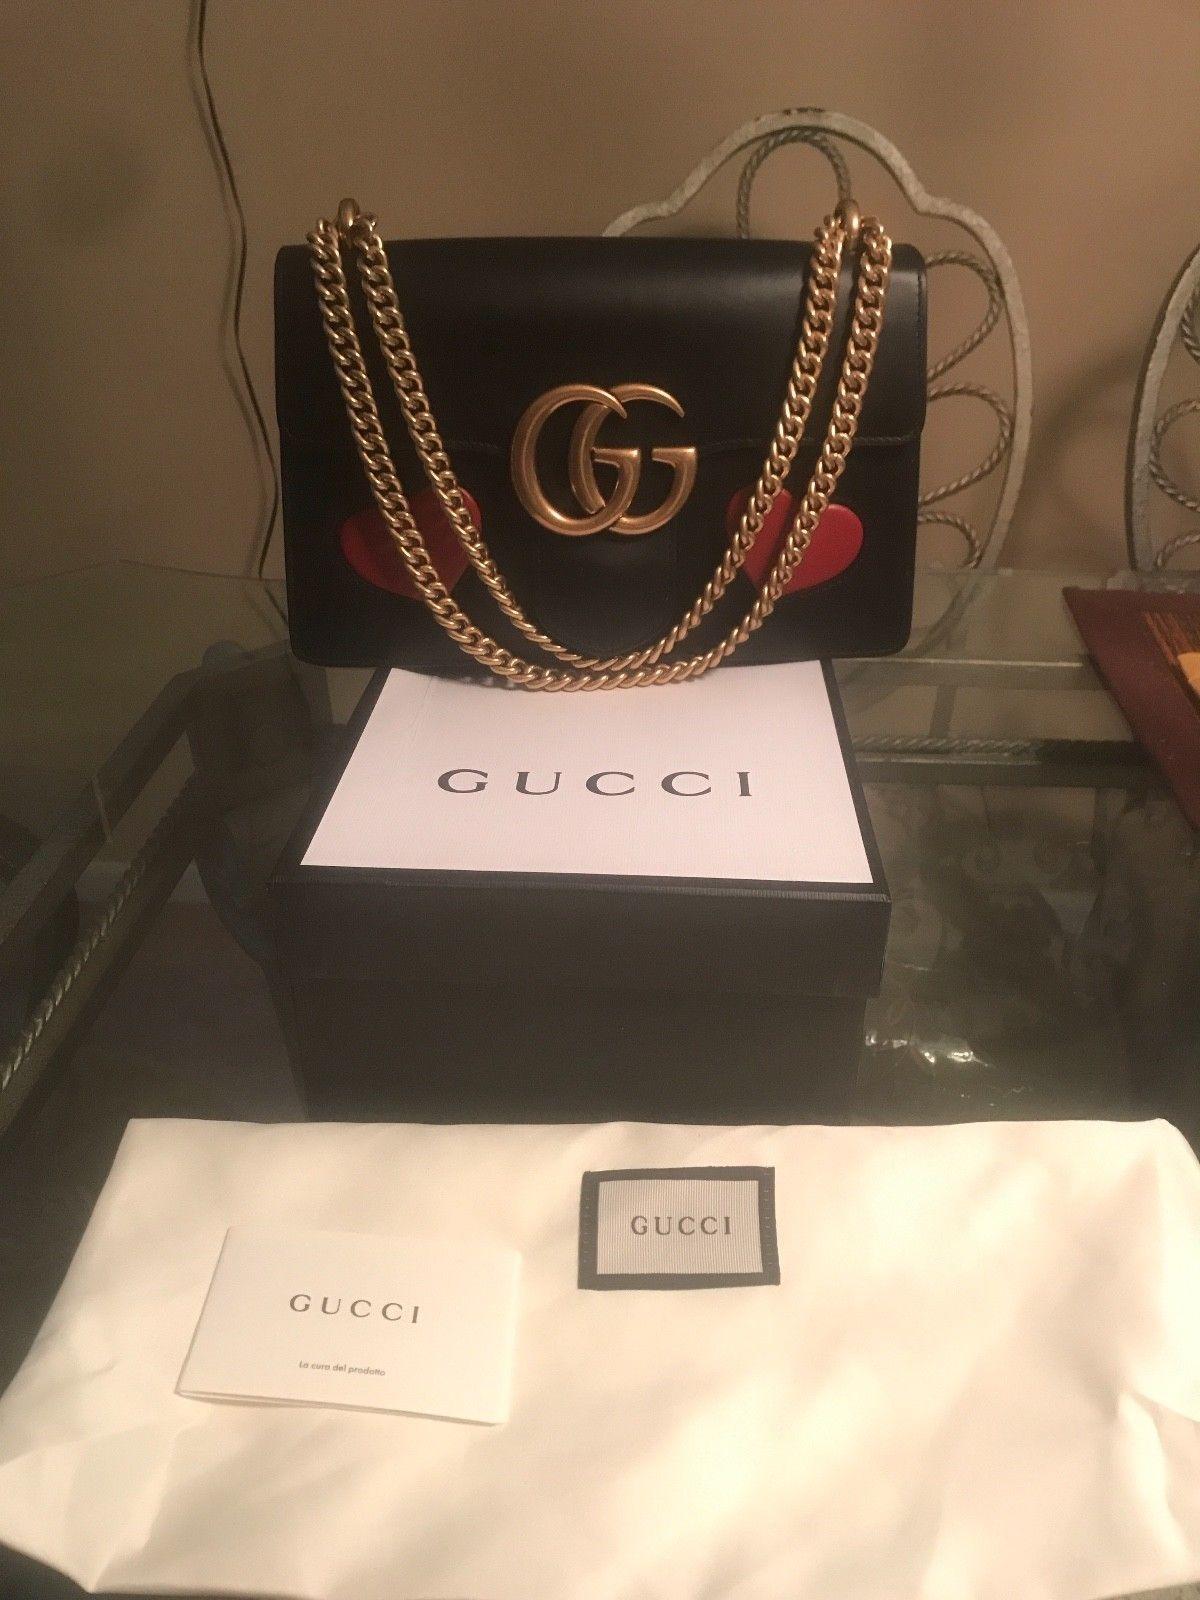 017266df72cc Le sac Gucci Bamboo, couleur nude, une édition limitée, s est vendu à  1197.45 .